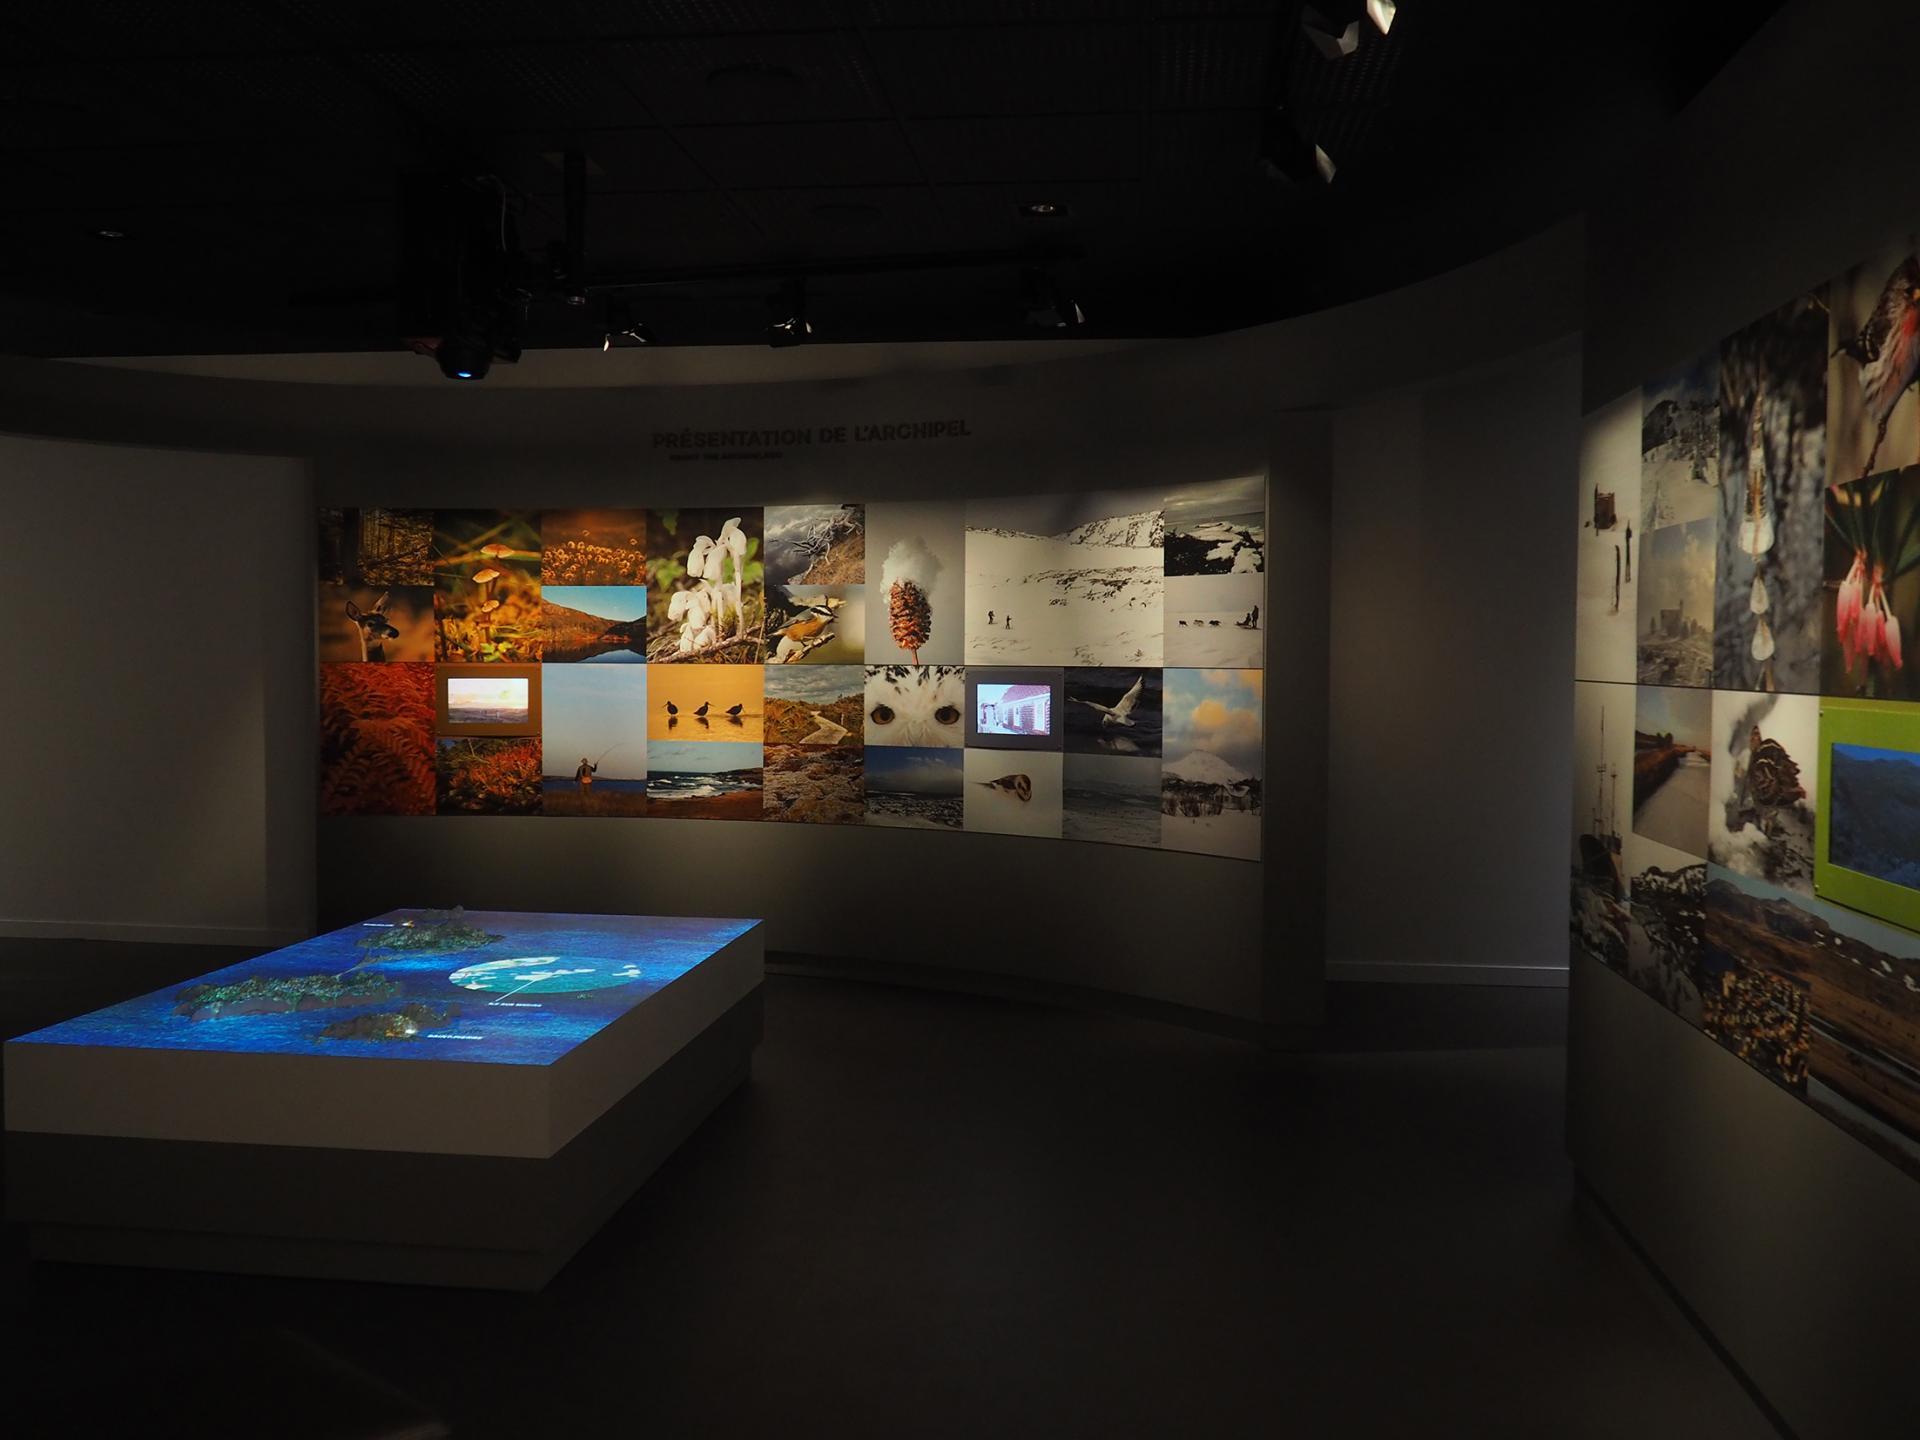 Murs d images et maquette de l ile